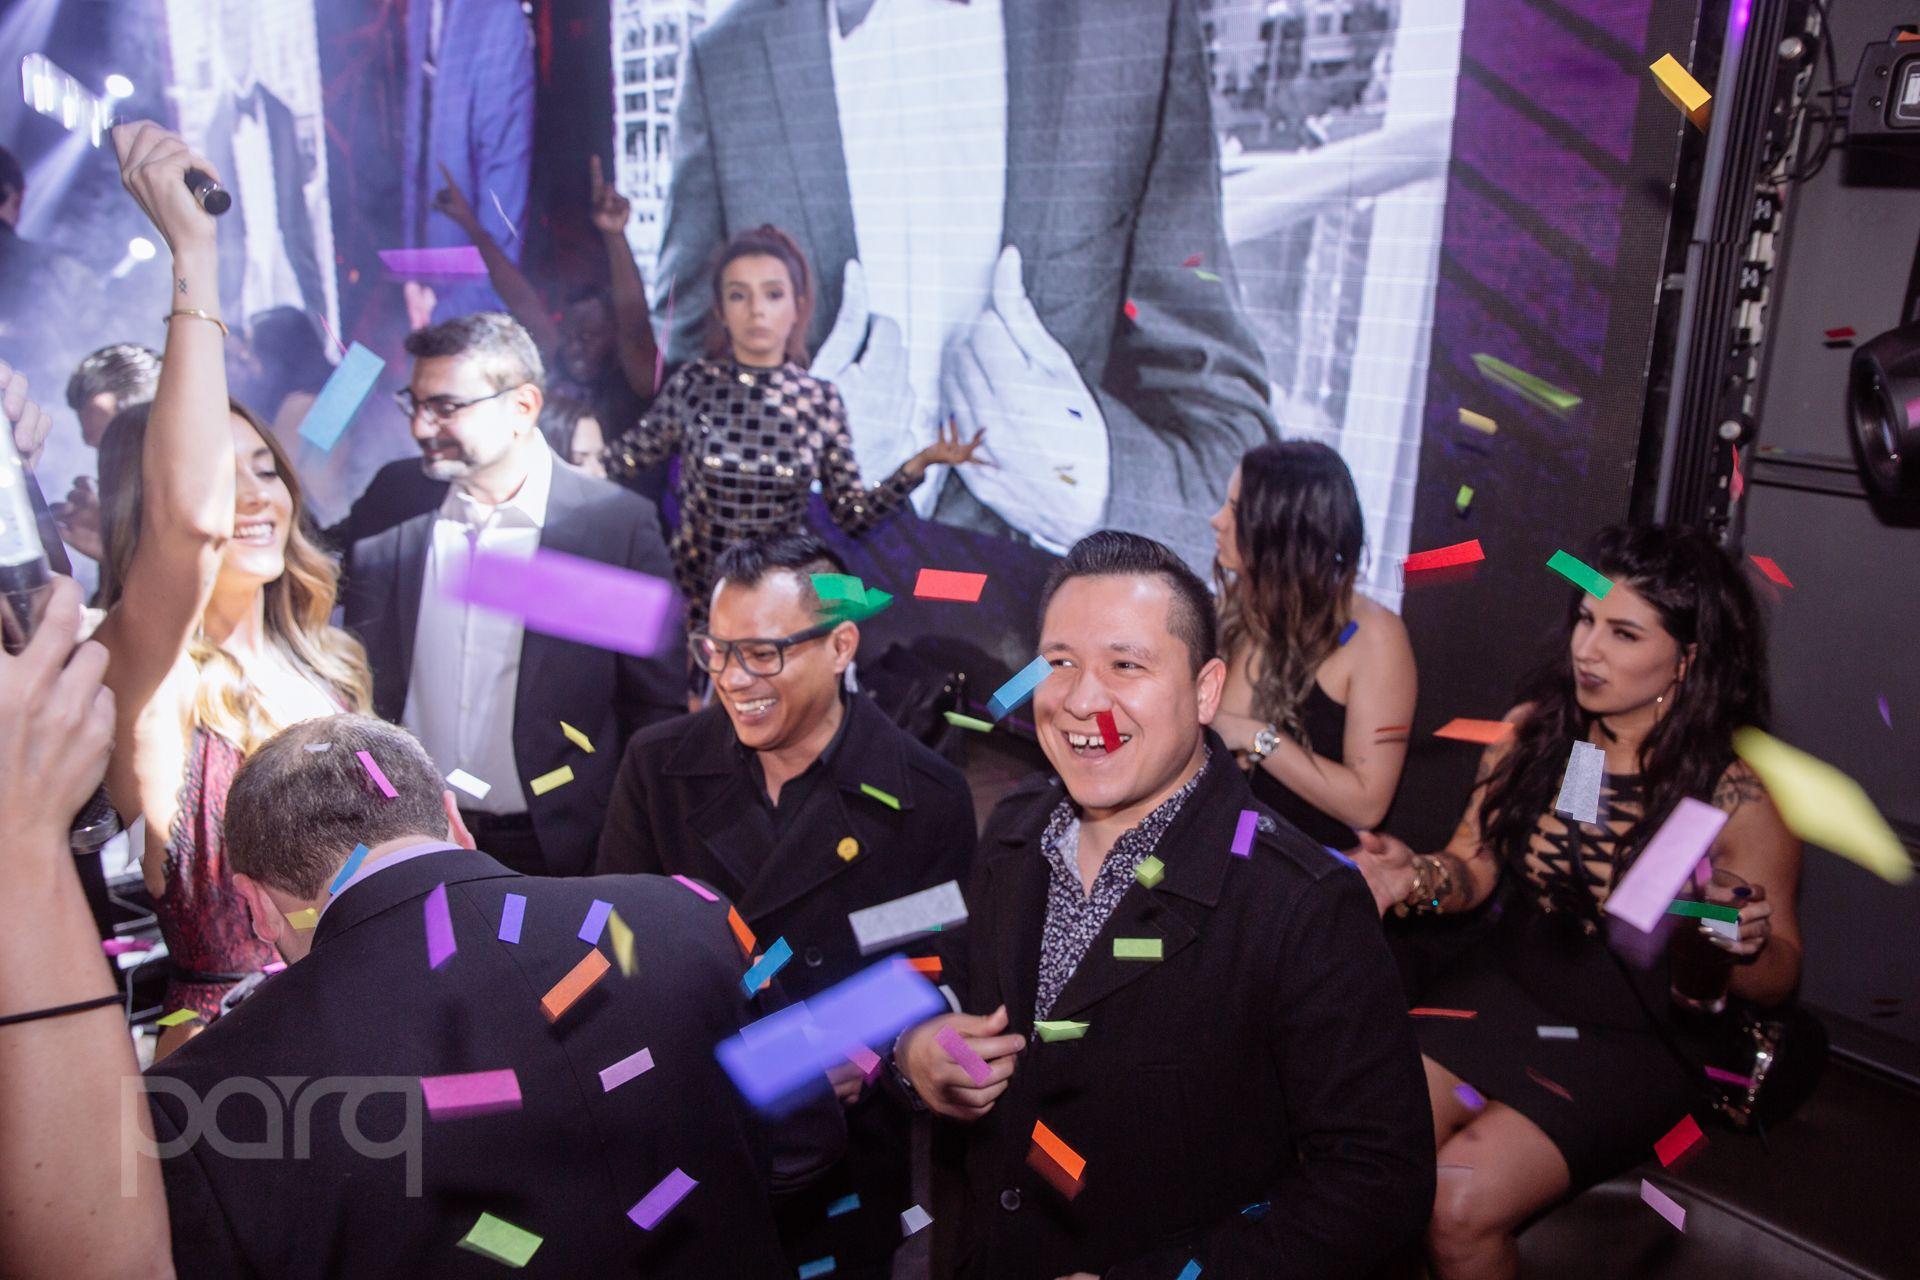 San-Diego-Nightclub-DJ Ikon-31.jpg